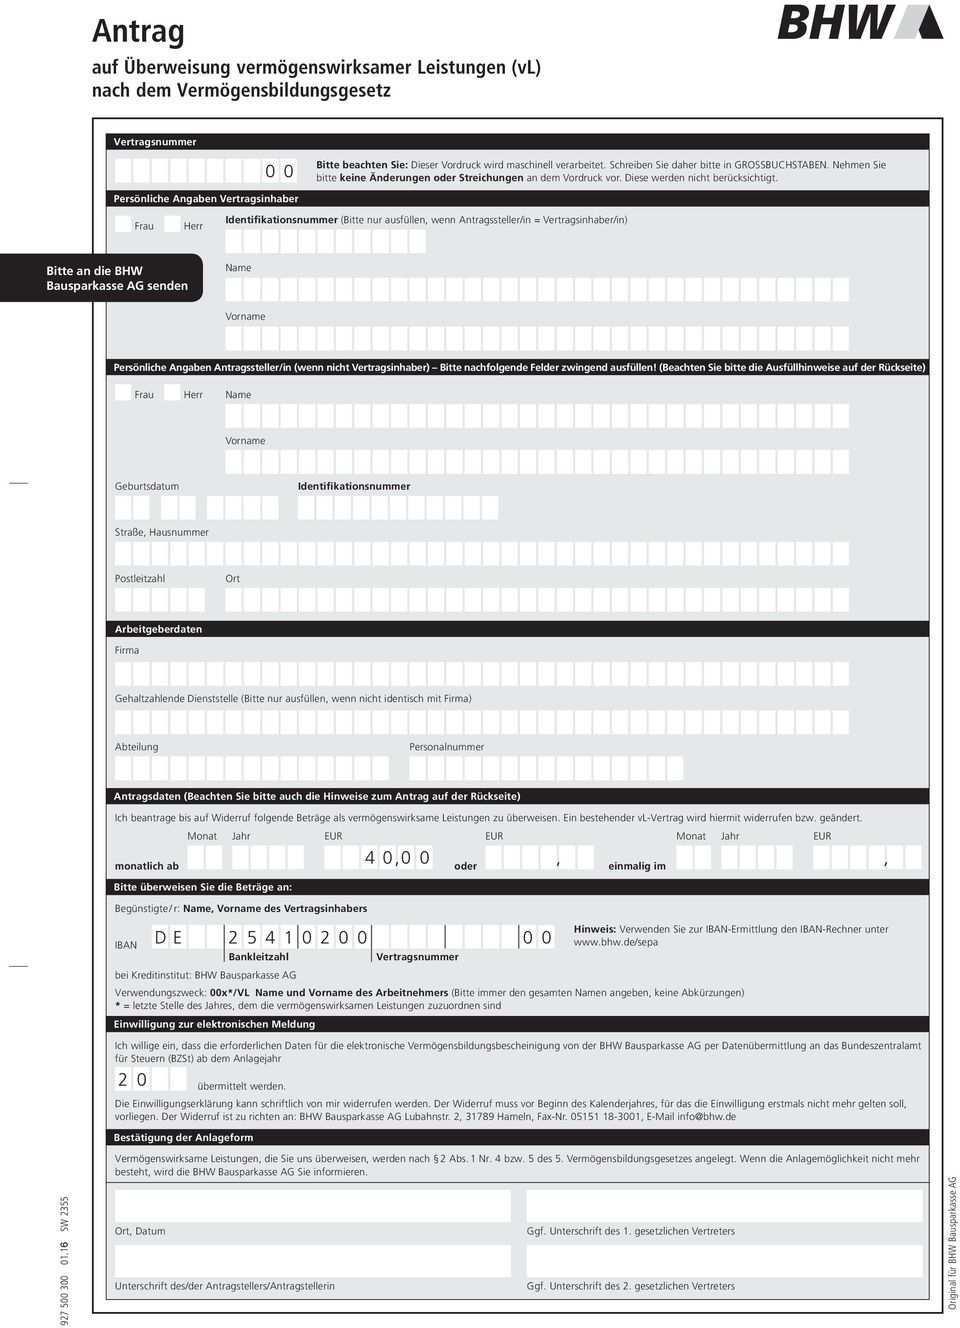 Antrag Auf Uberweisung Vermogenswirksamer Leistungen Vl Nach Dem Vermogensbildungsgesetz 4 0 0 0 De Pdf Kostenfreier Download